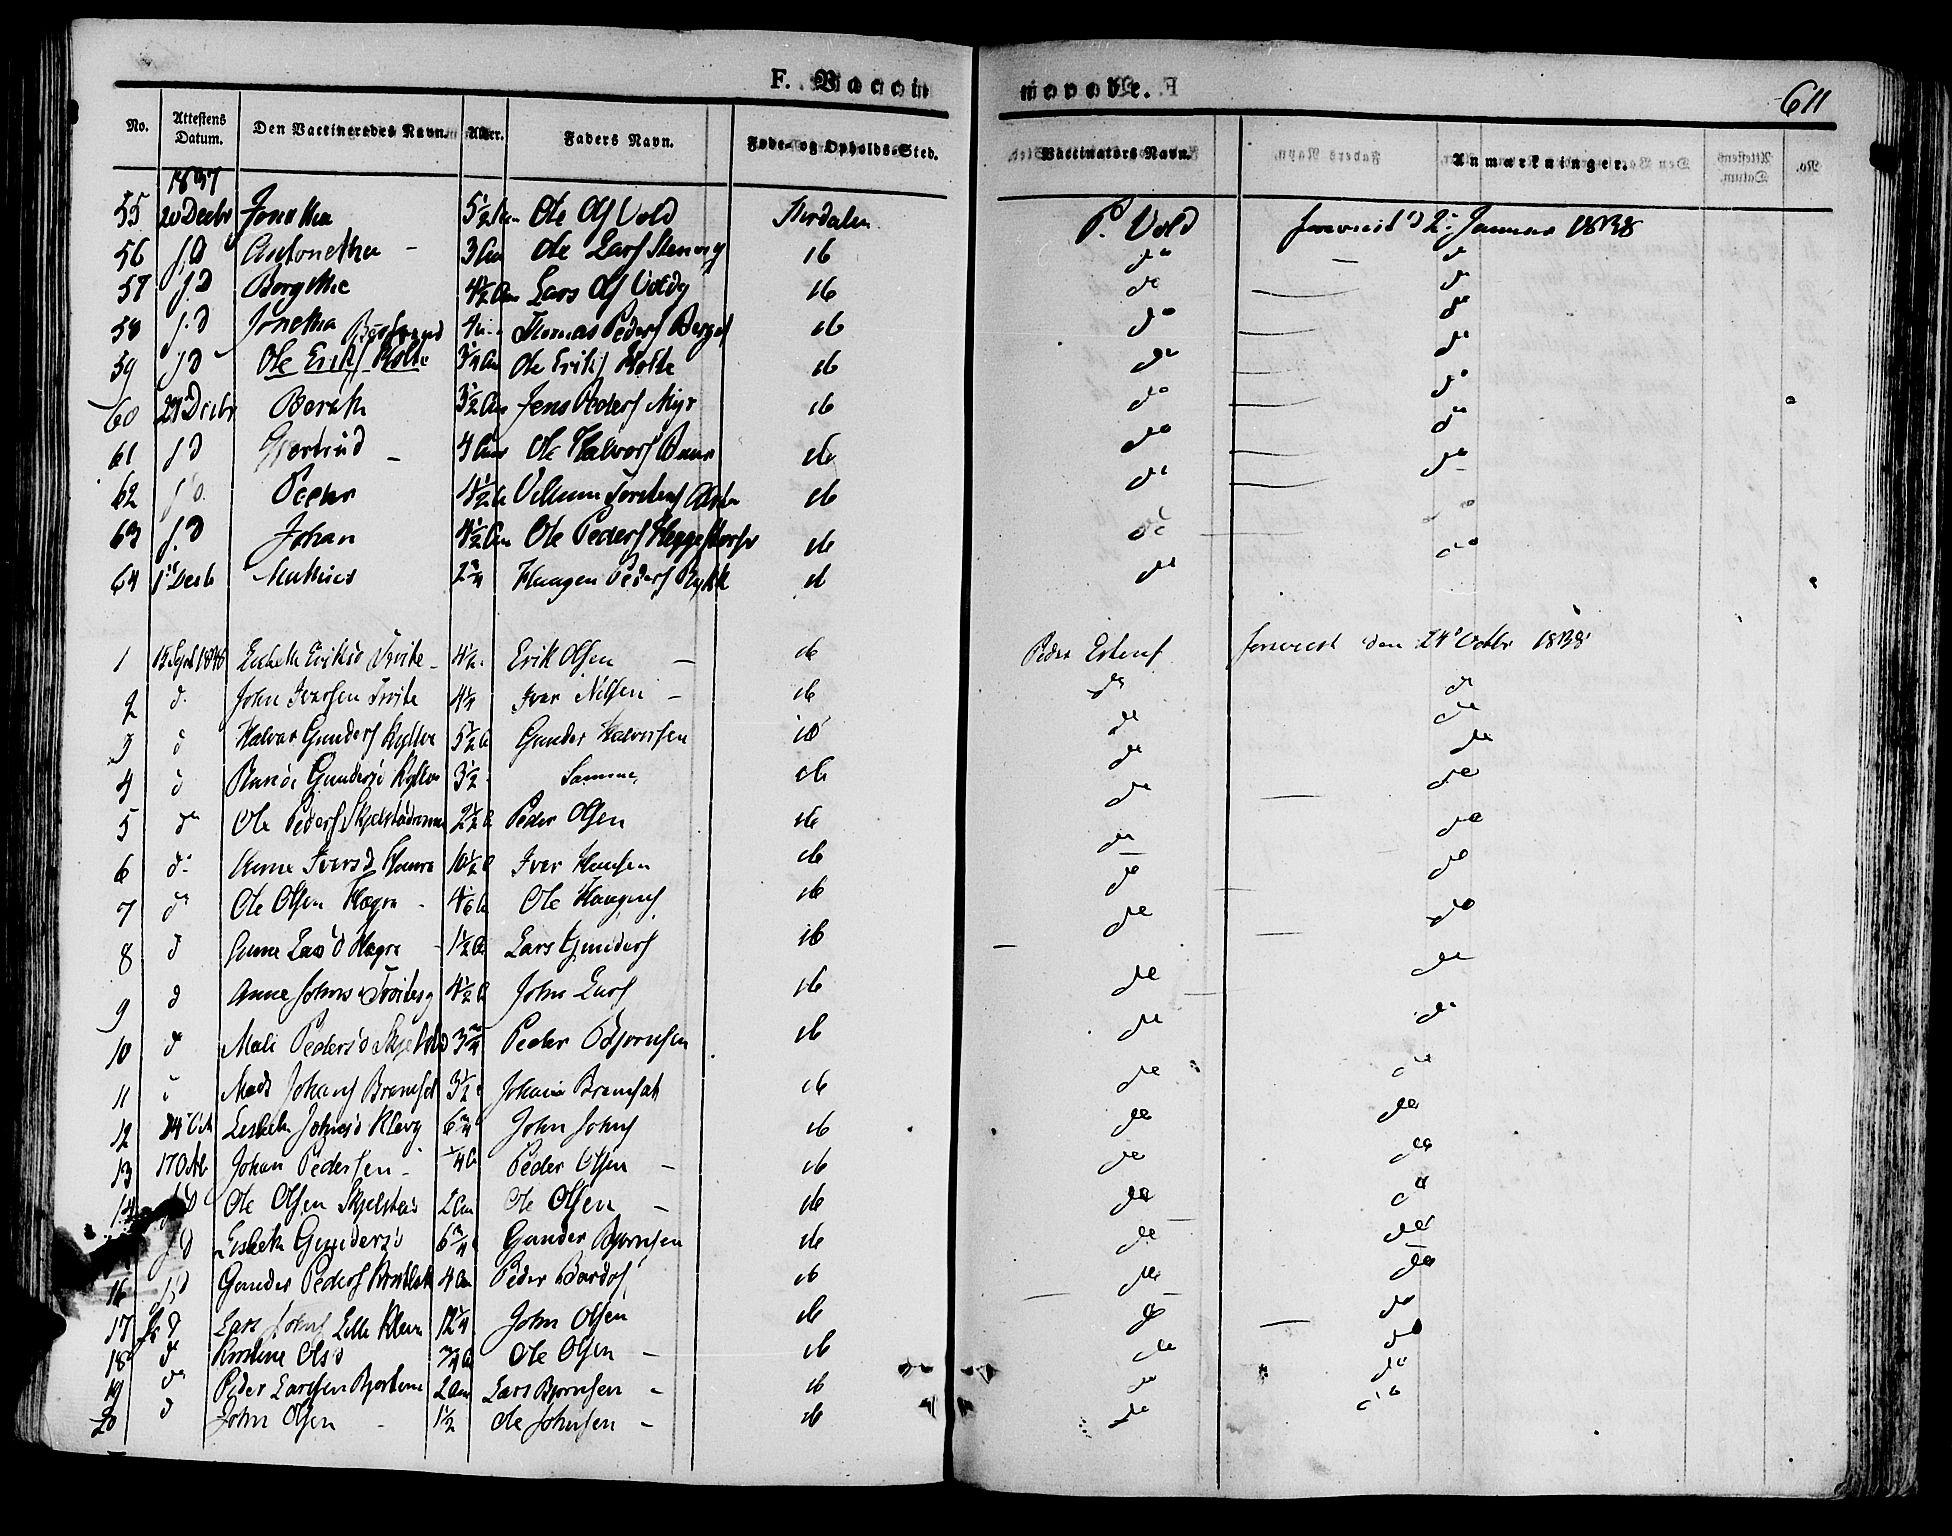 SAT, Ministerialprotokoller, klokkerbøker og fødselsregistre - Nord-Trøndelag, 709/L0072: Ministerialbok nr. 709A12, 1833-1844, s. 611